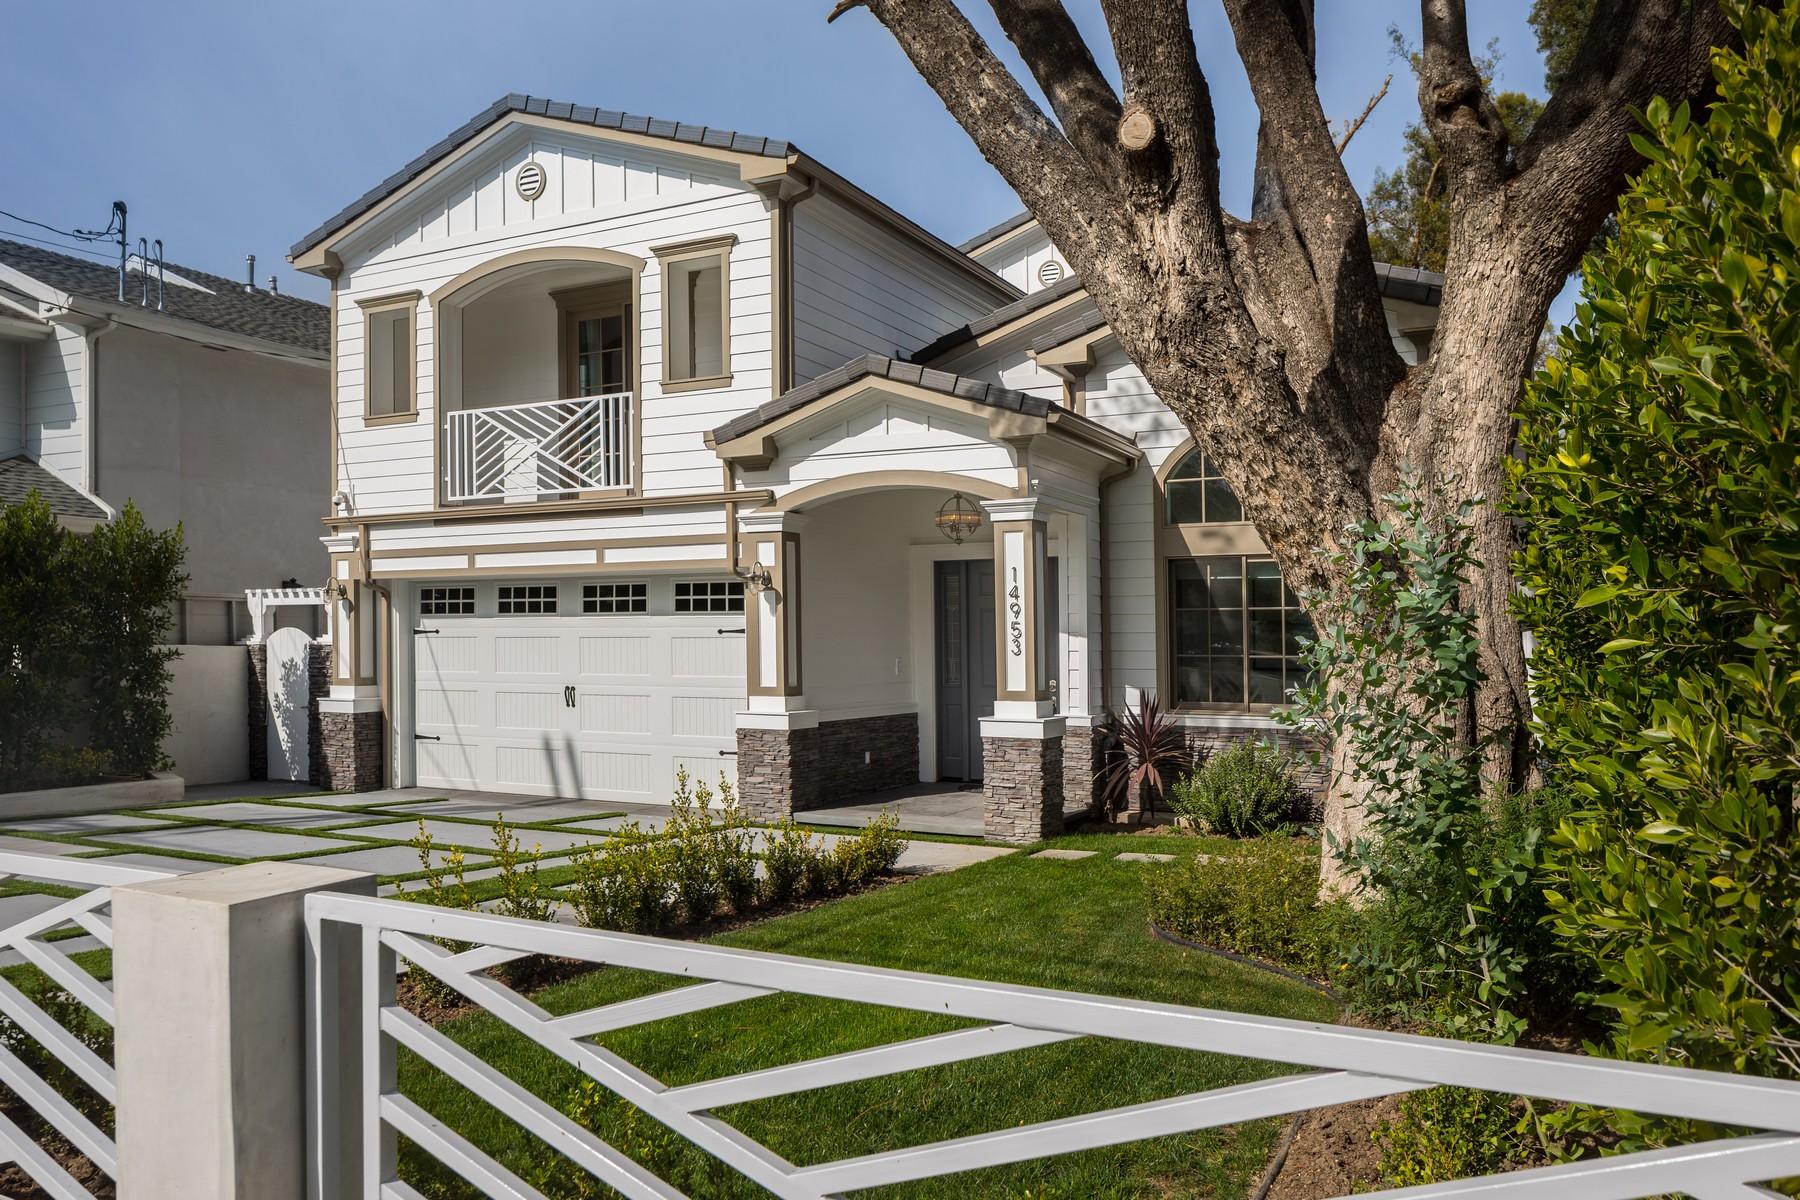 Villa per Vendita alle ore 14953 Sutton St Sherman Oaks, California, 91403 Stati Uniti